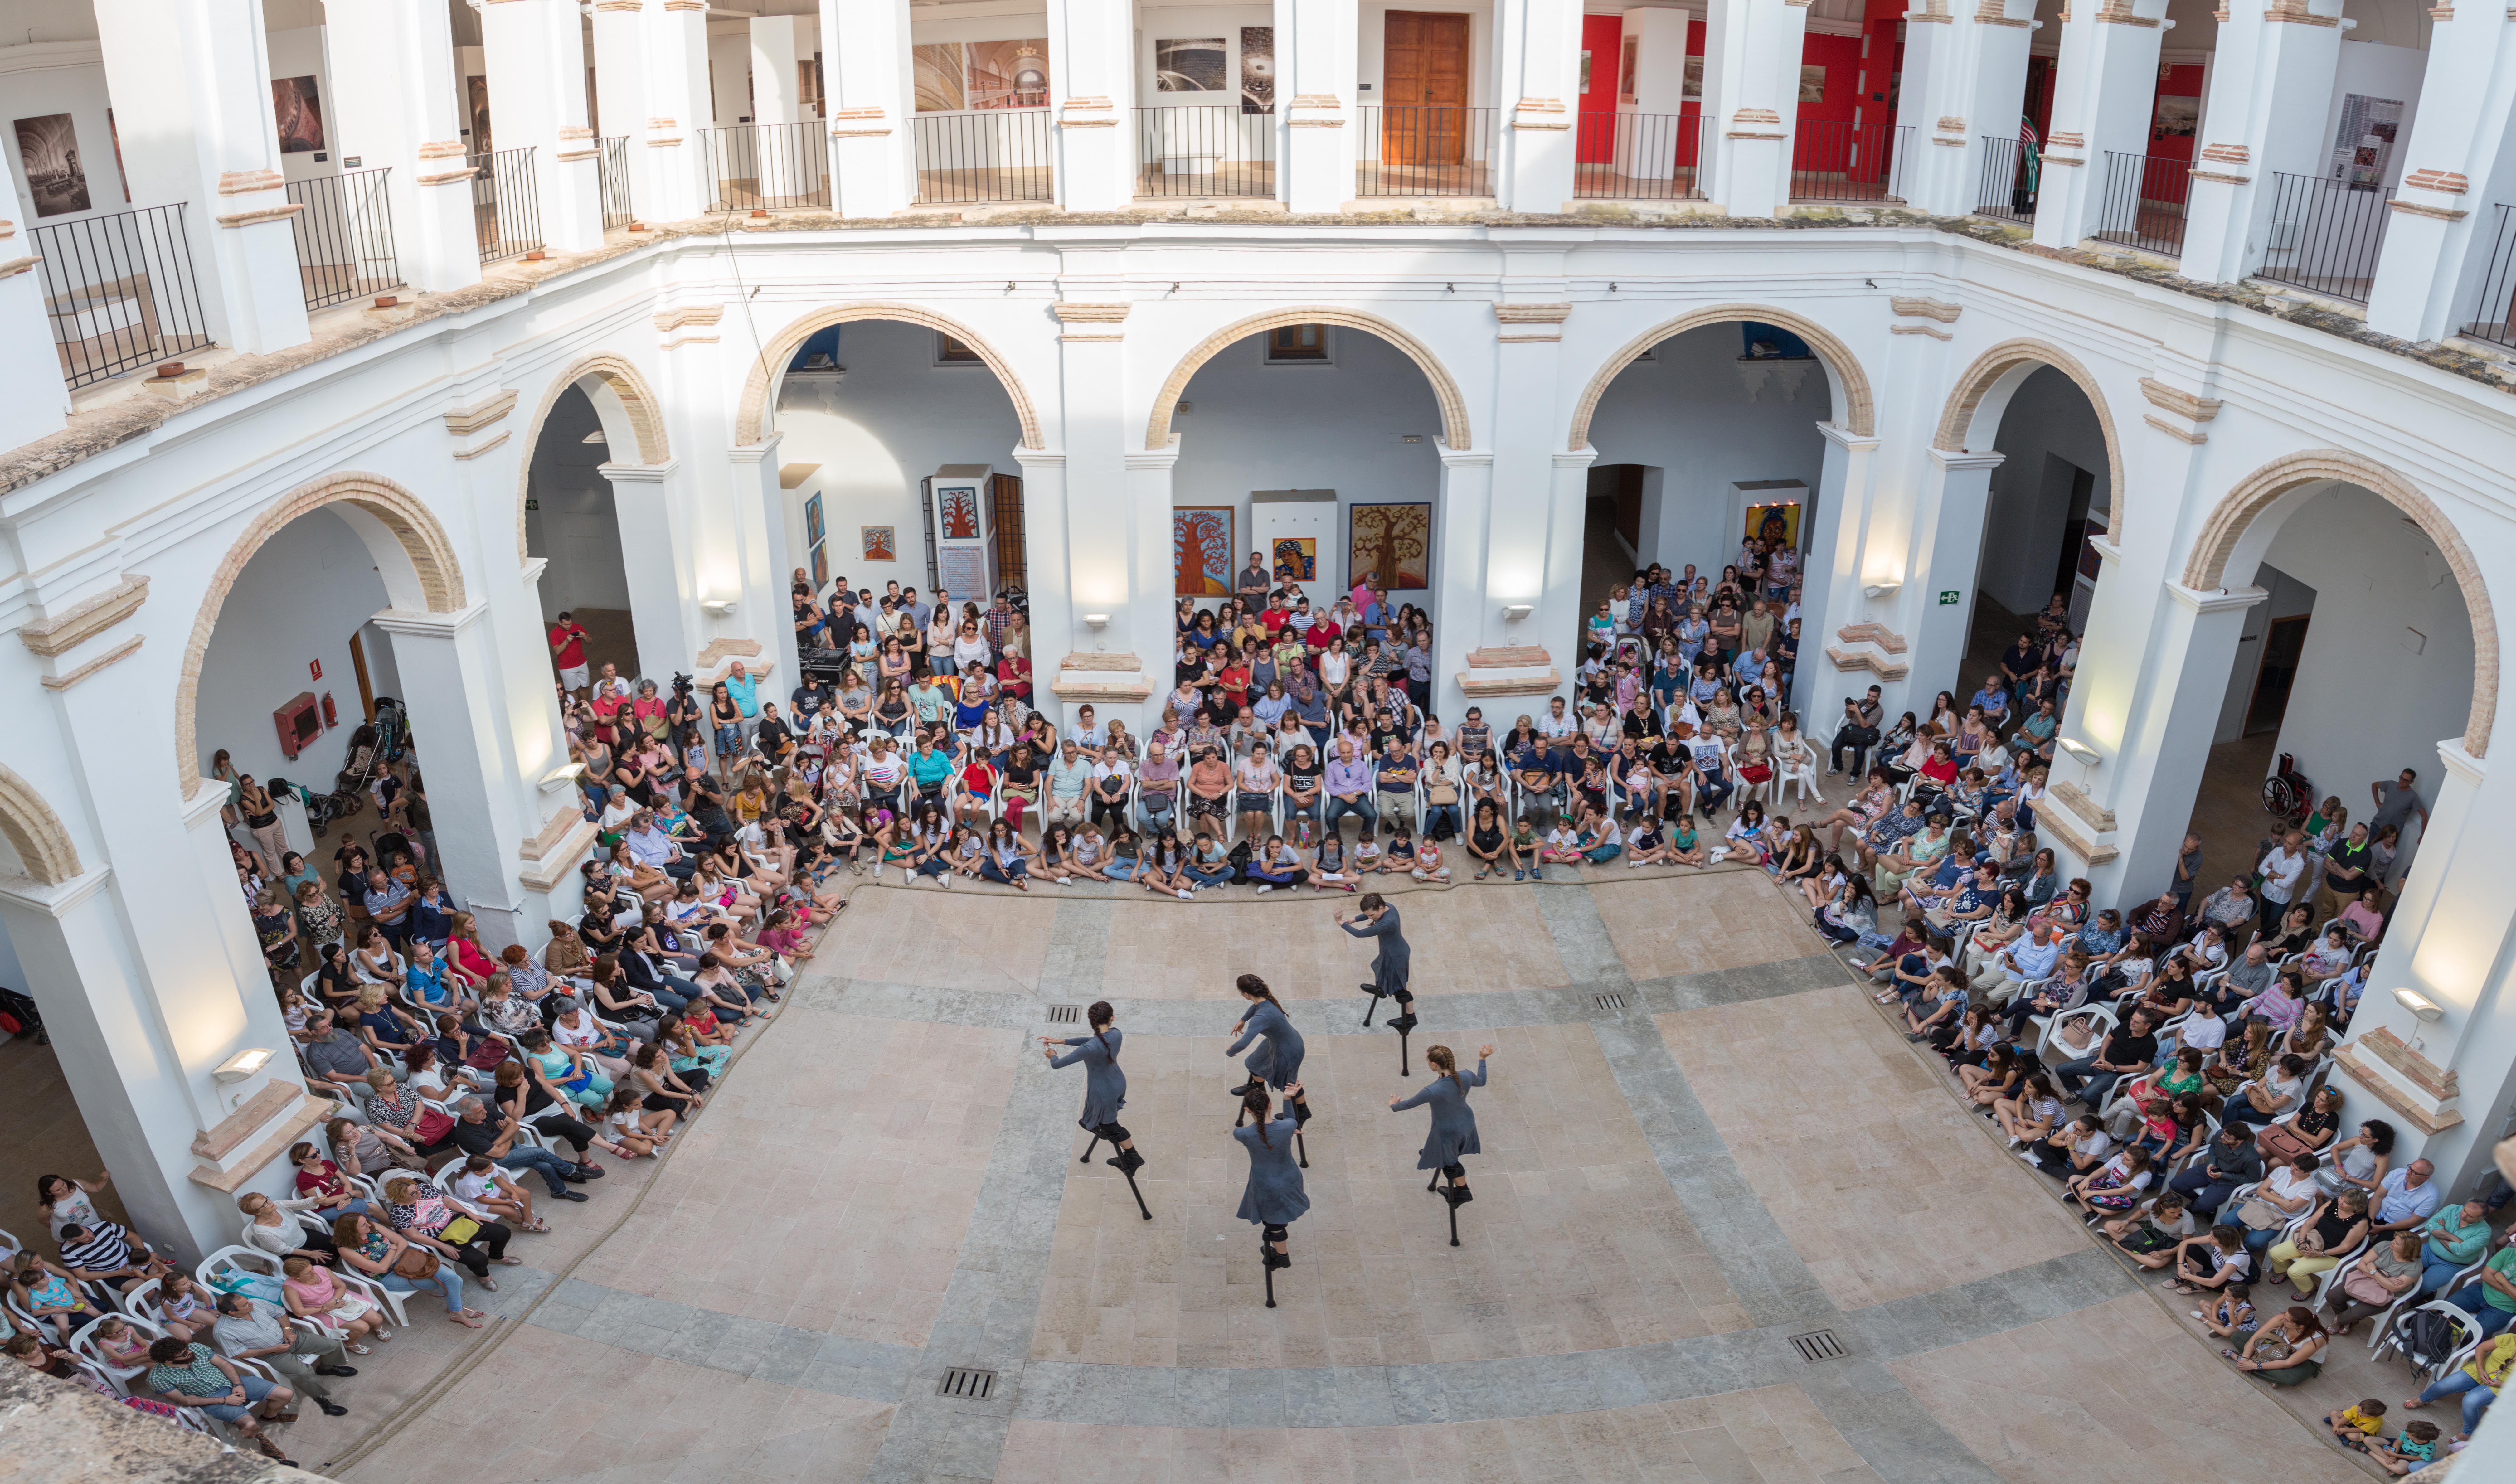 Mulier - Museu de la Festa d'Algemesí